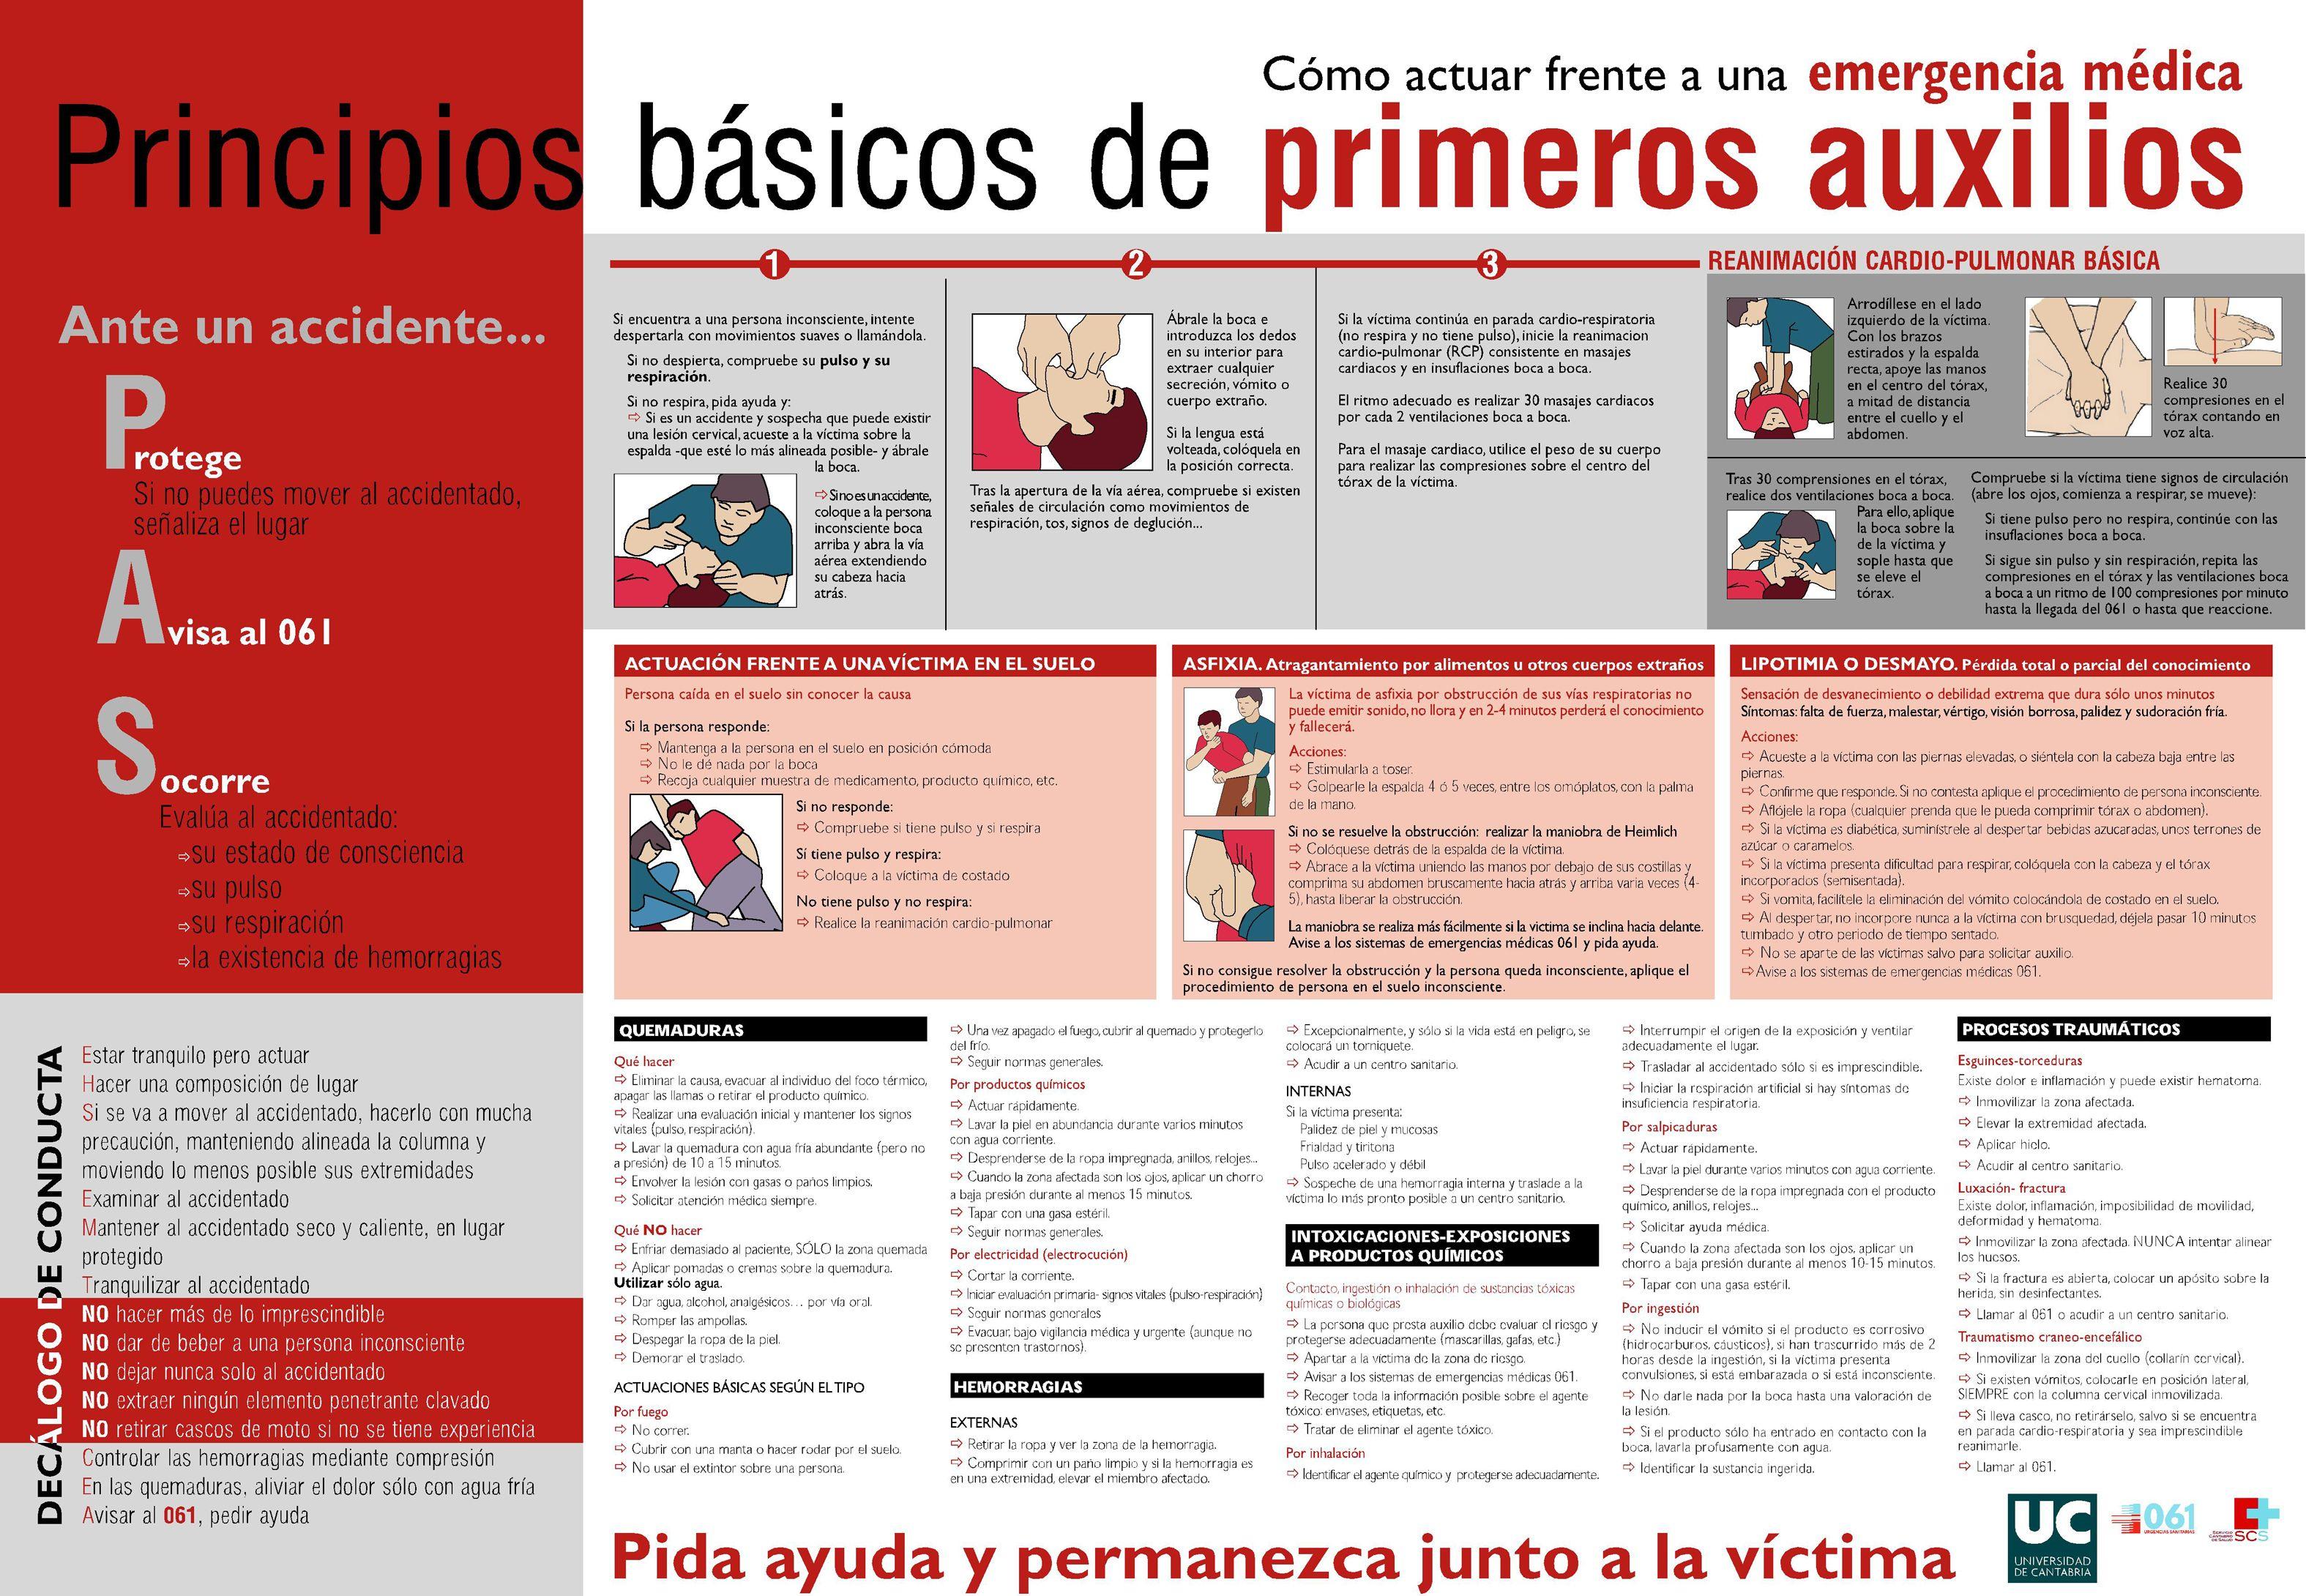 Principios básicos de primeros auxilios Proteger, Avisar y Socorrer